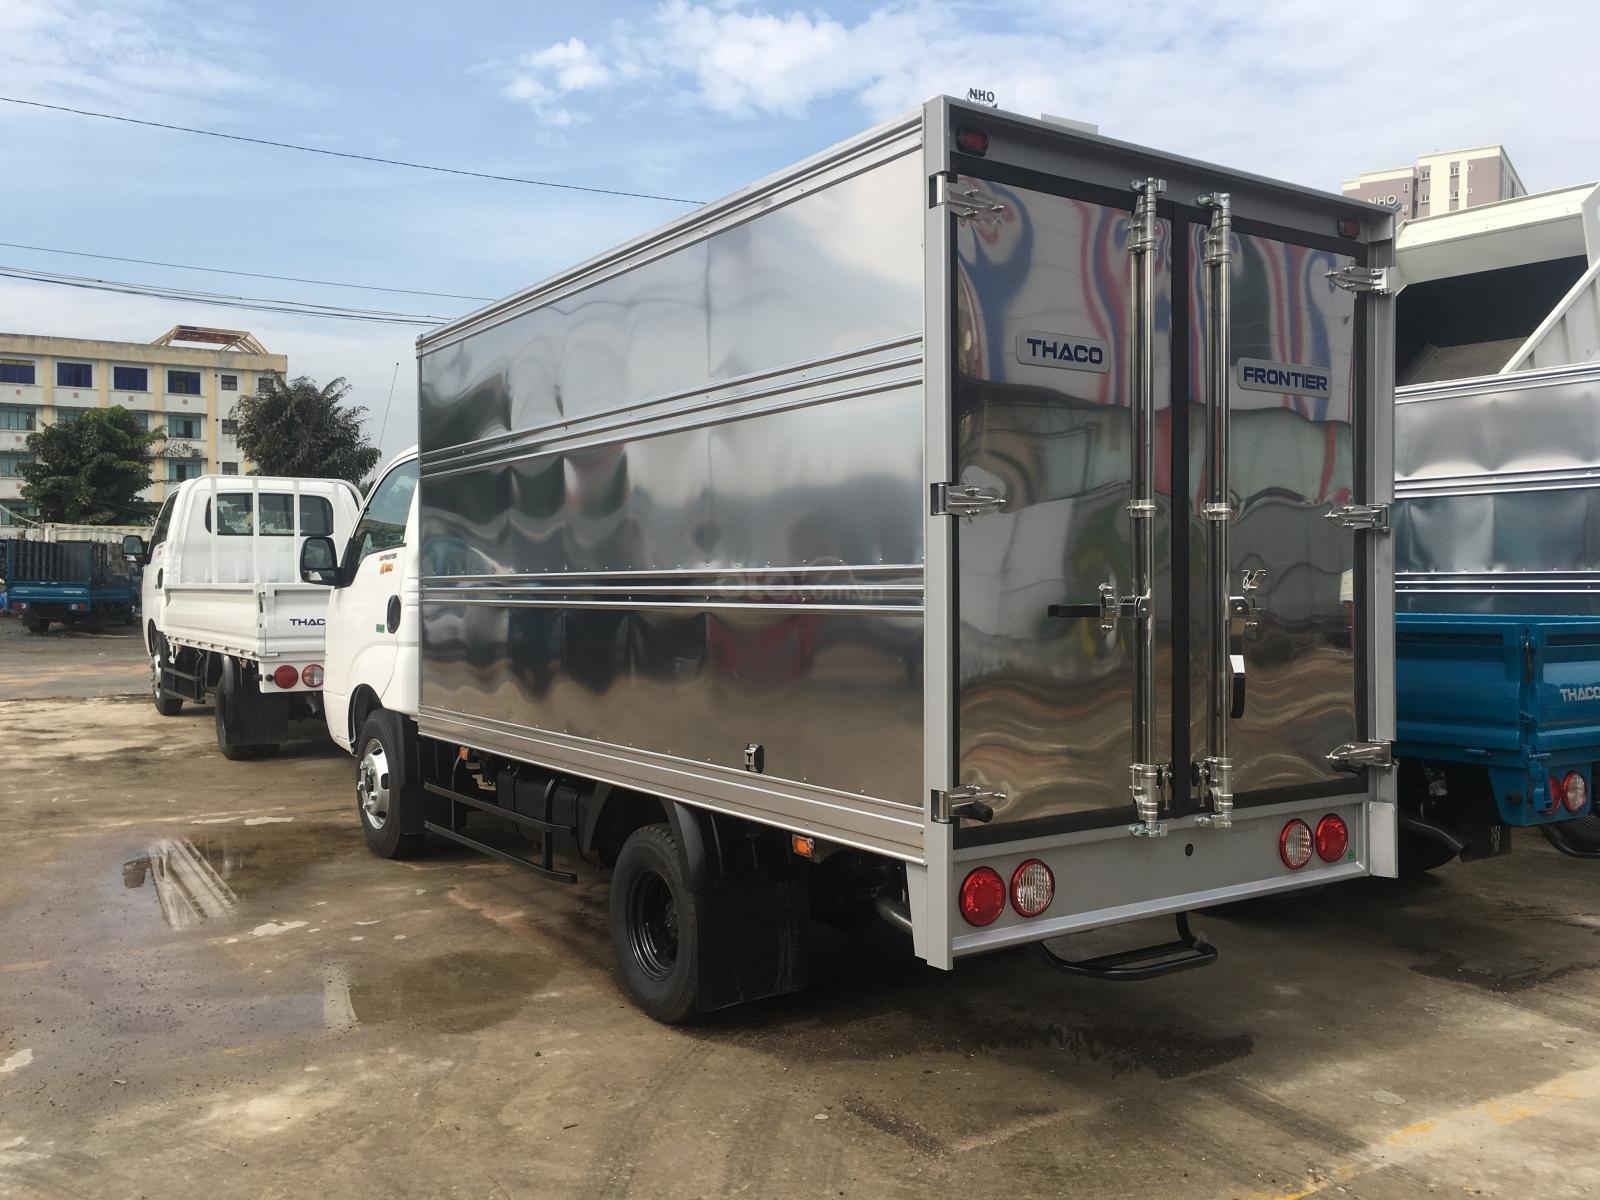 [ Trường Hải Bình Dương ] Bán xe tải Kia K200 và K250, tải trọng từ 1 tấn đến 2.5 tấn, hỗ trợ trả góp - LH: 0944.813.912 (3)